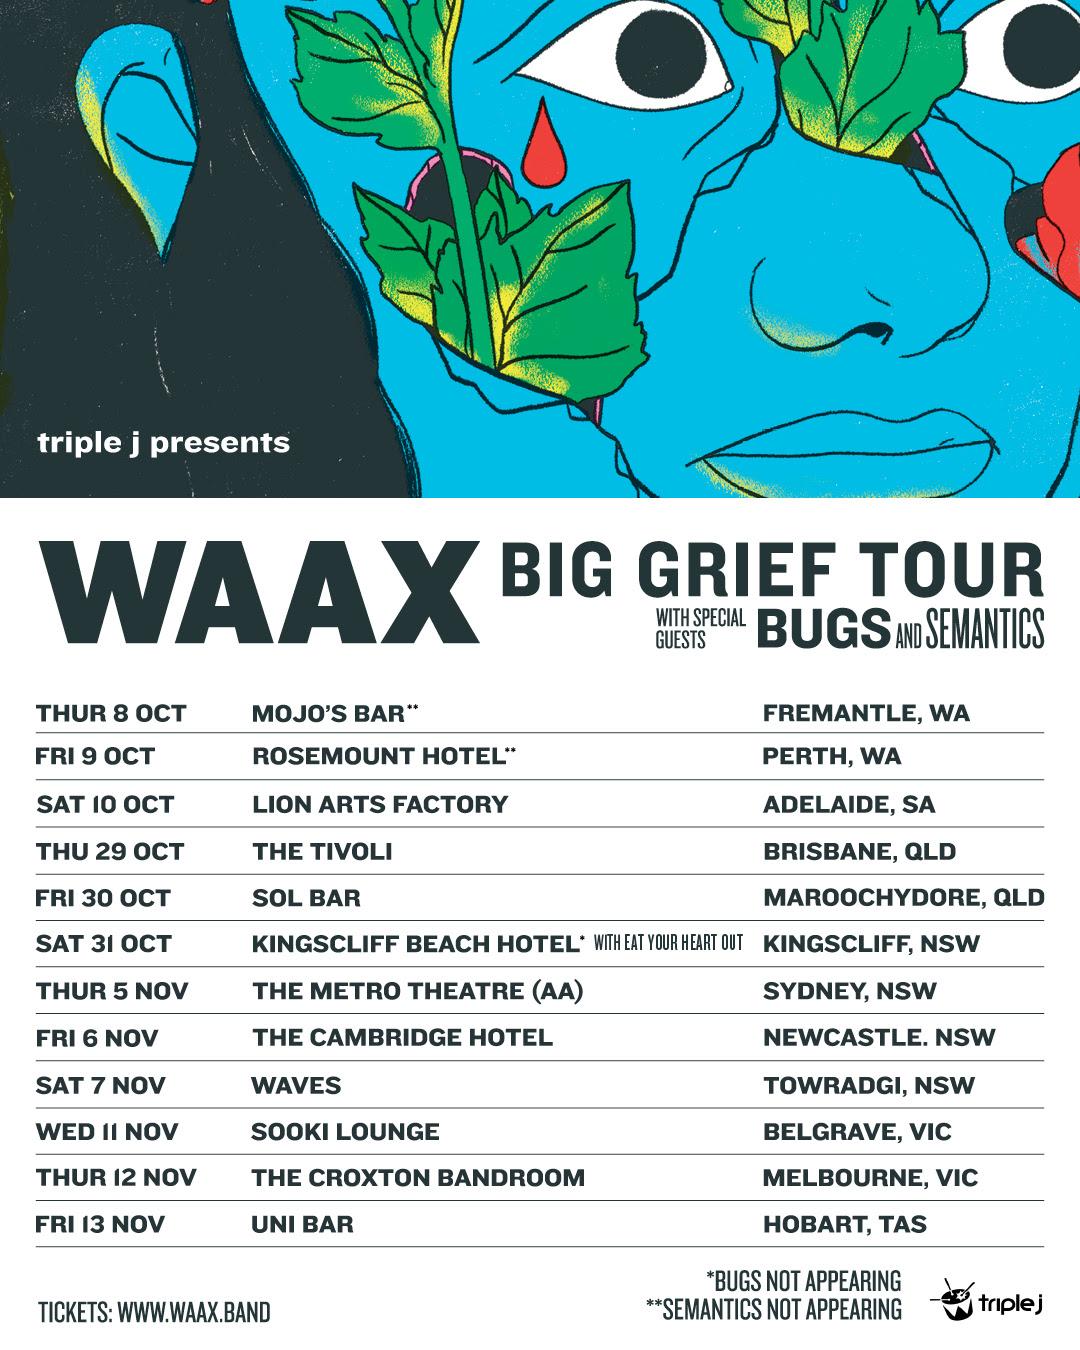 WAAX announce rescheduled Big Grief tour